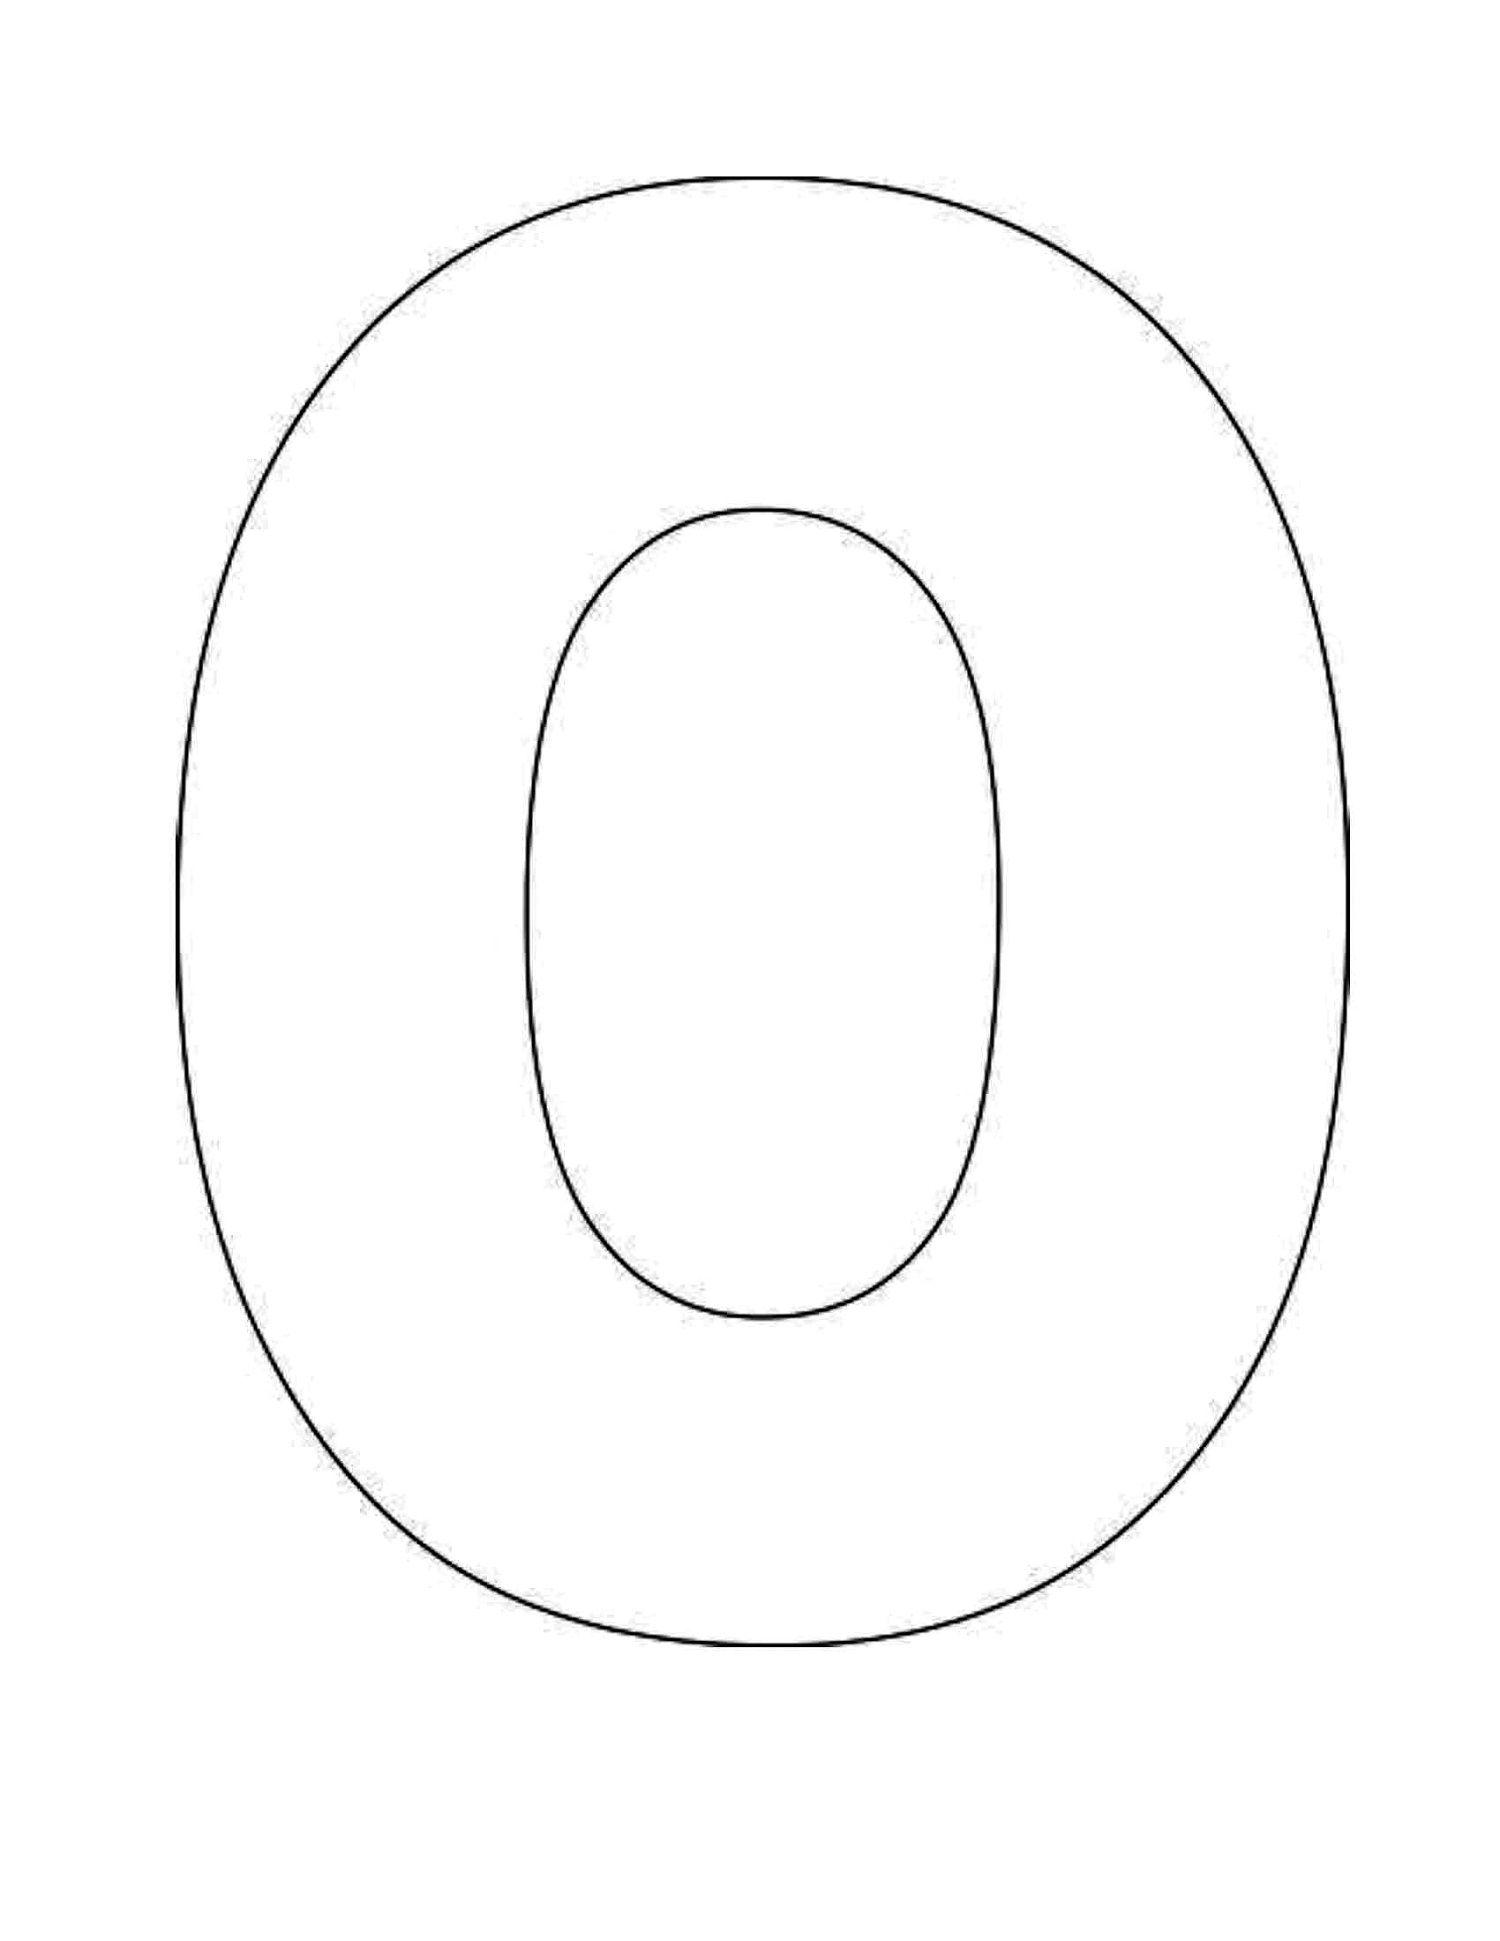 Letter o worksheet for alphabet learning dear joya kids activity printable alphabet letter o template alphabet letter o templates are spiritdancerdesigns Choice Image